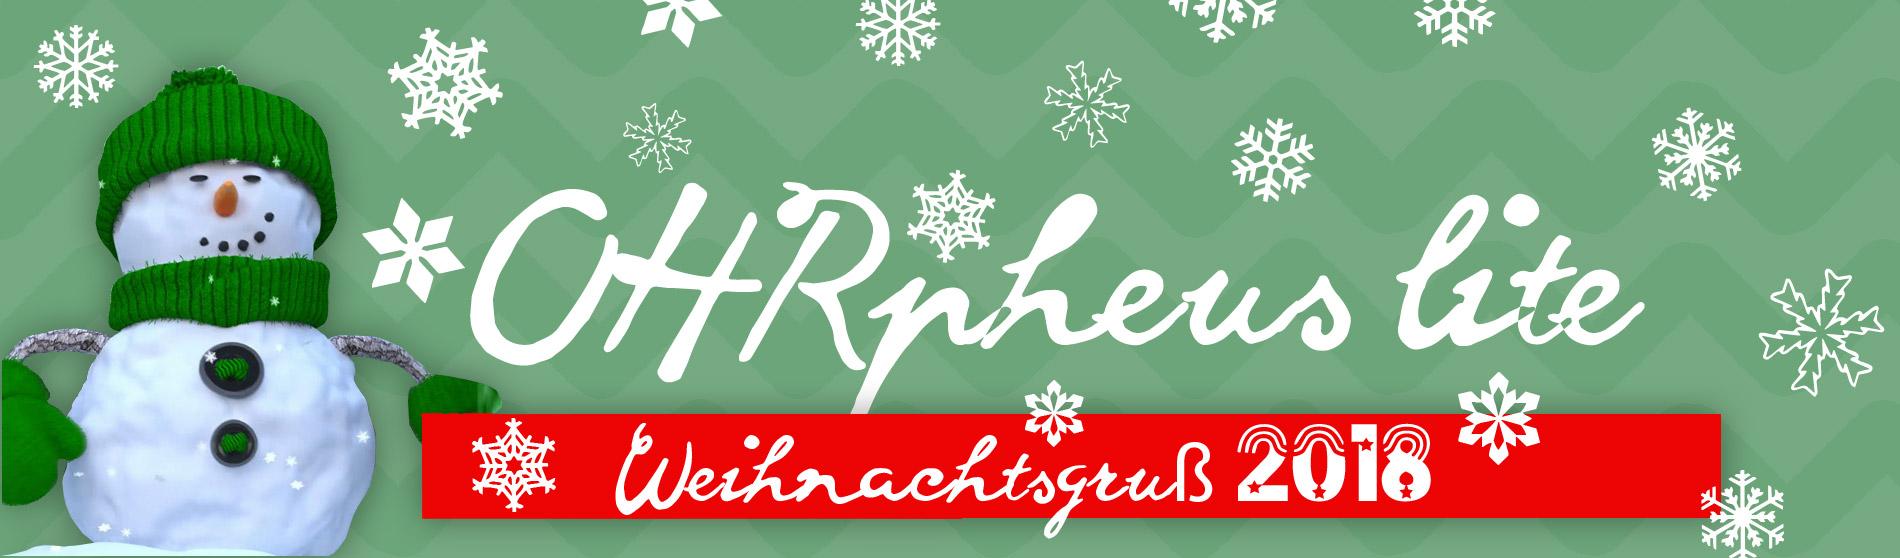 OHRpheus lite Würzburg & Schweinfurt Weihnachtsgruß 2018 Slider